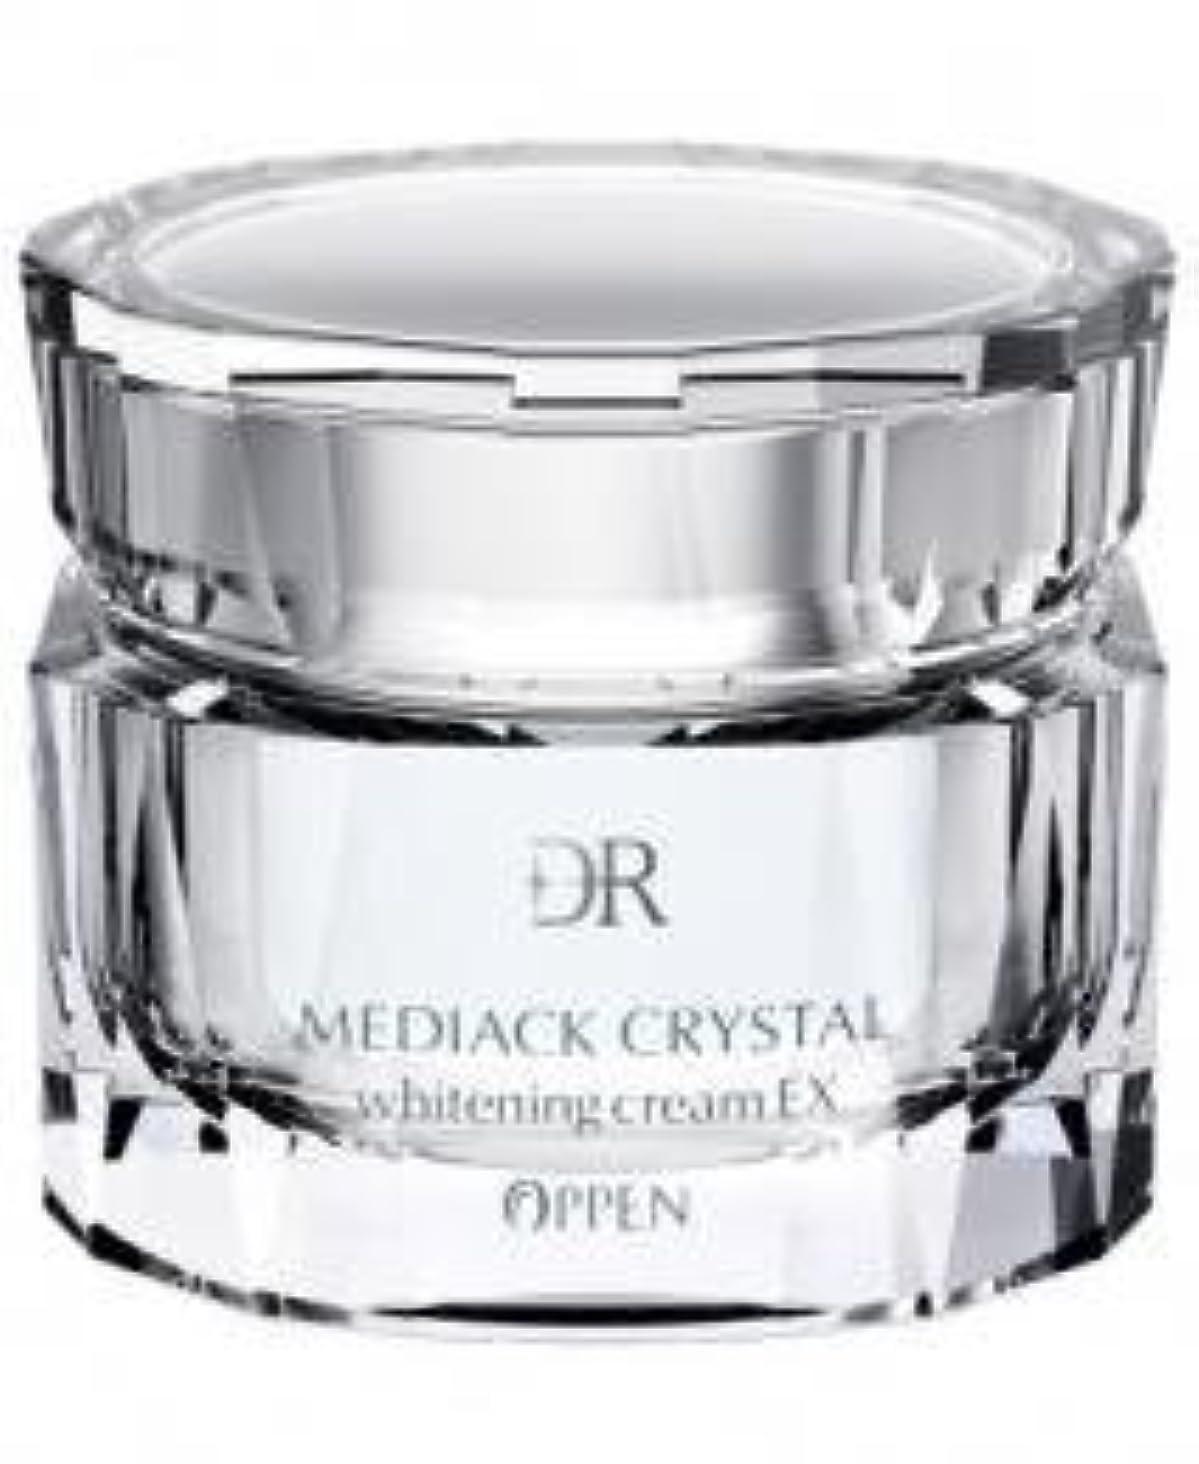 アジア人マーキング免除するオッペン化粧品【OPPEN】 DRメディアッククリスタル ホワイトニングクリーム 35g